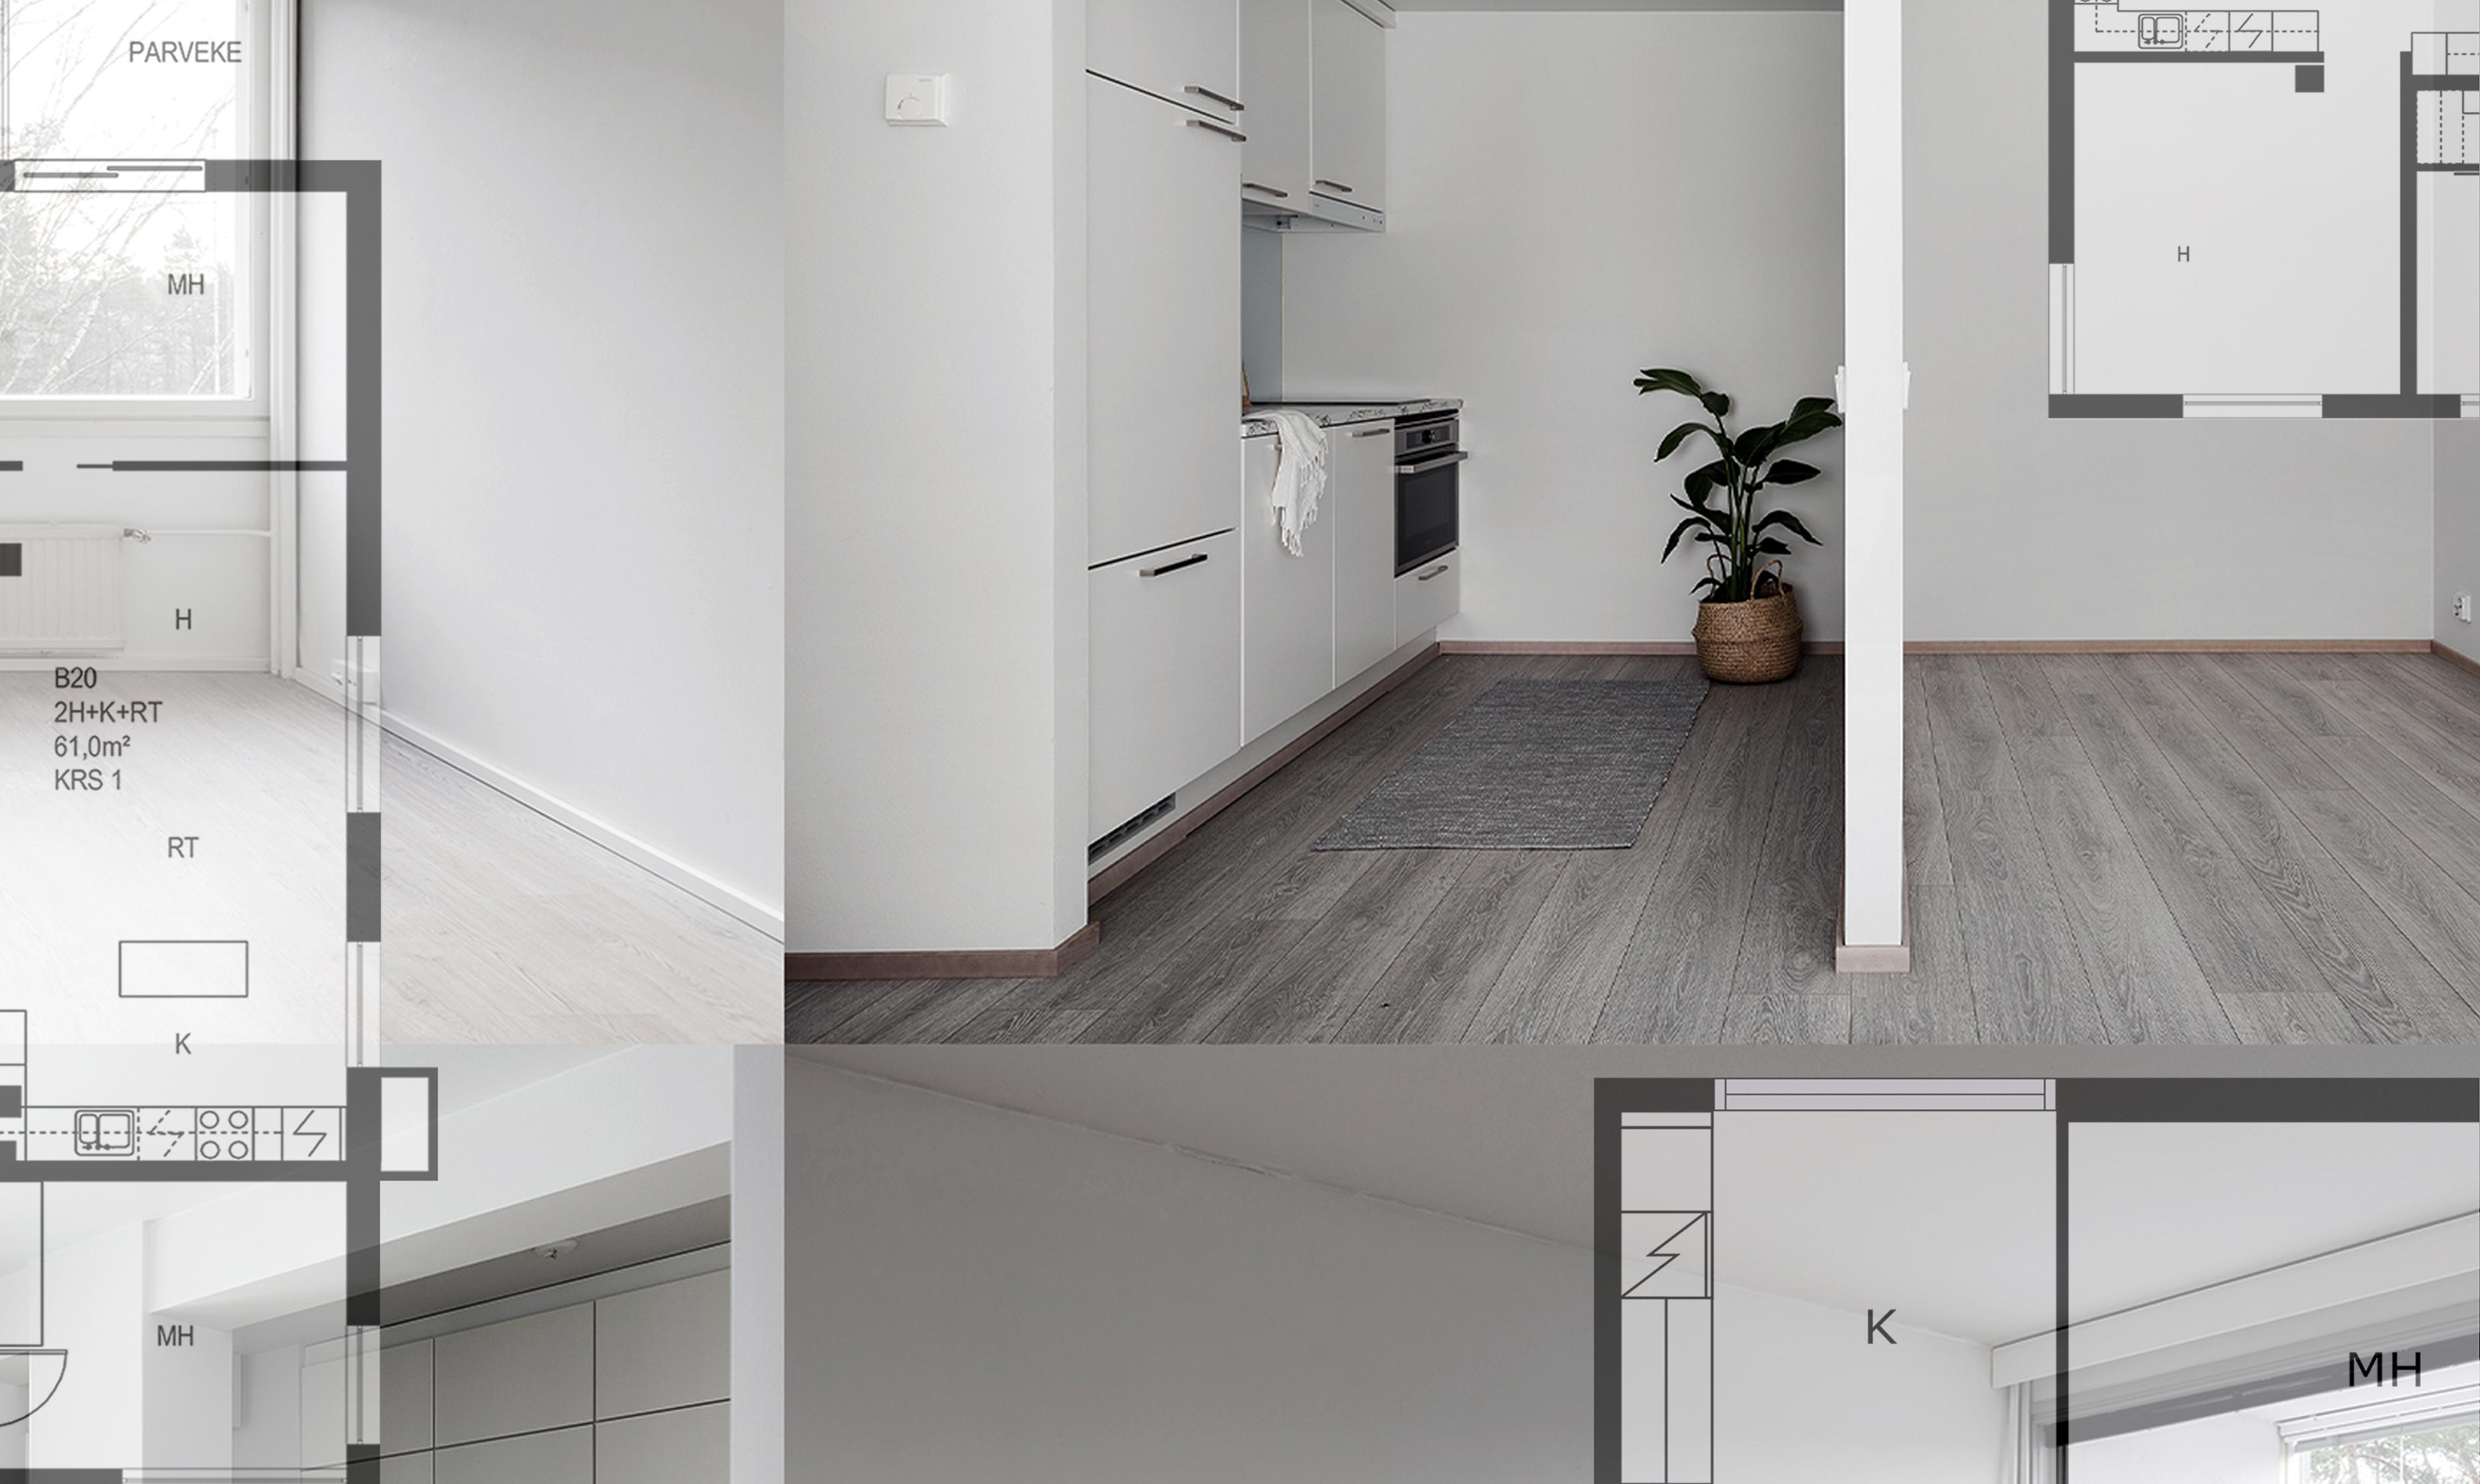 Mitä mieltä asunnon ostajat ovat pohjakuvista?